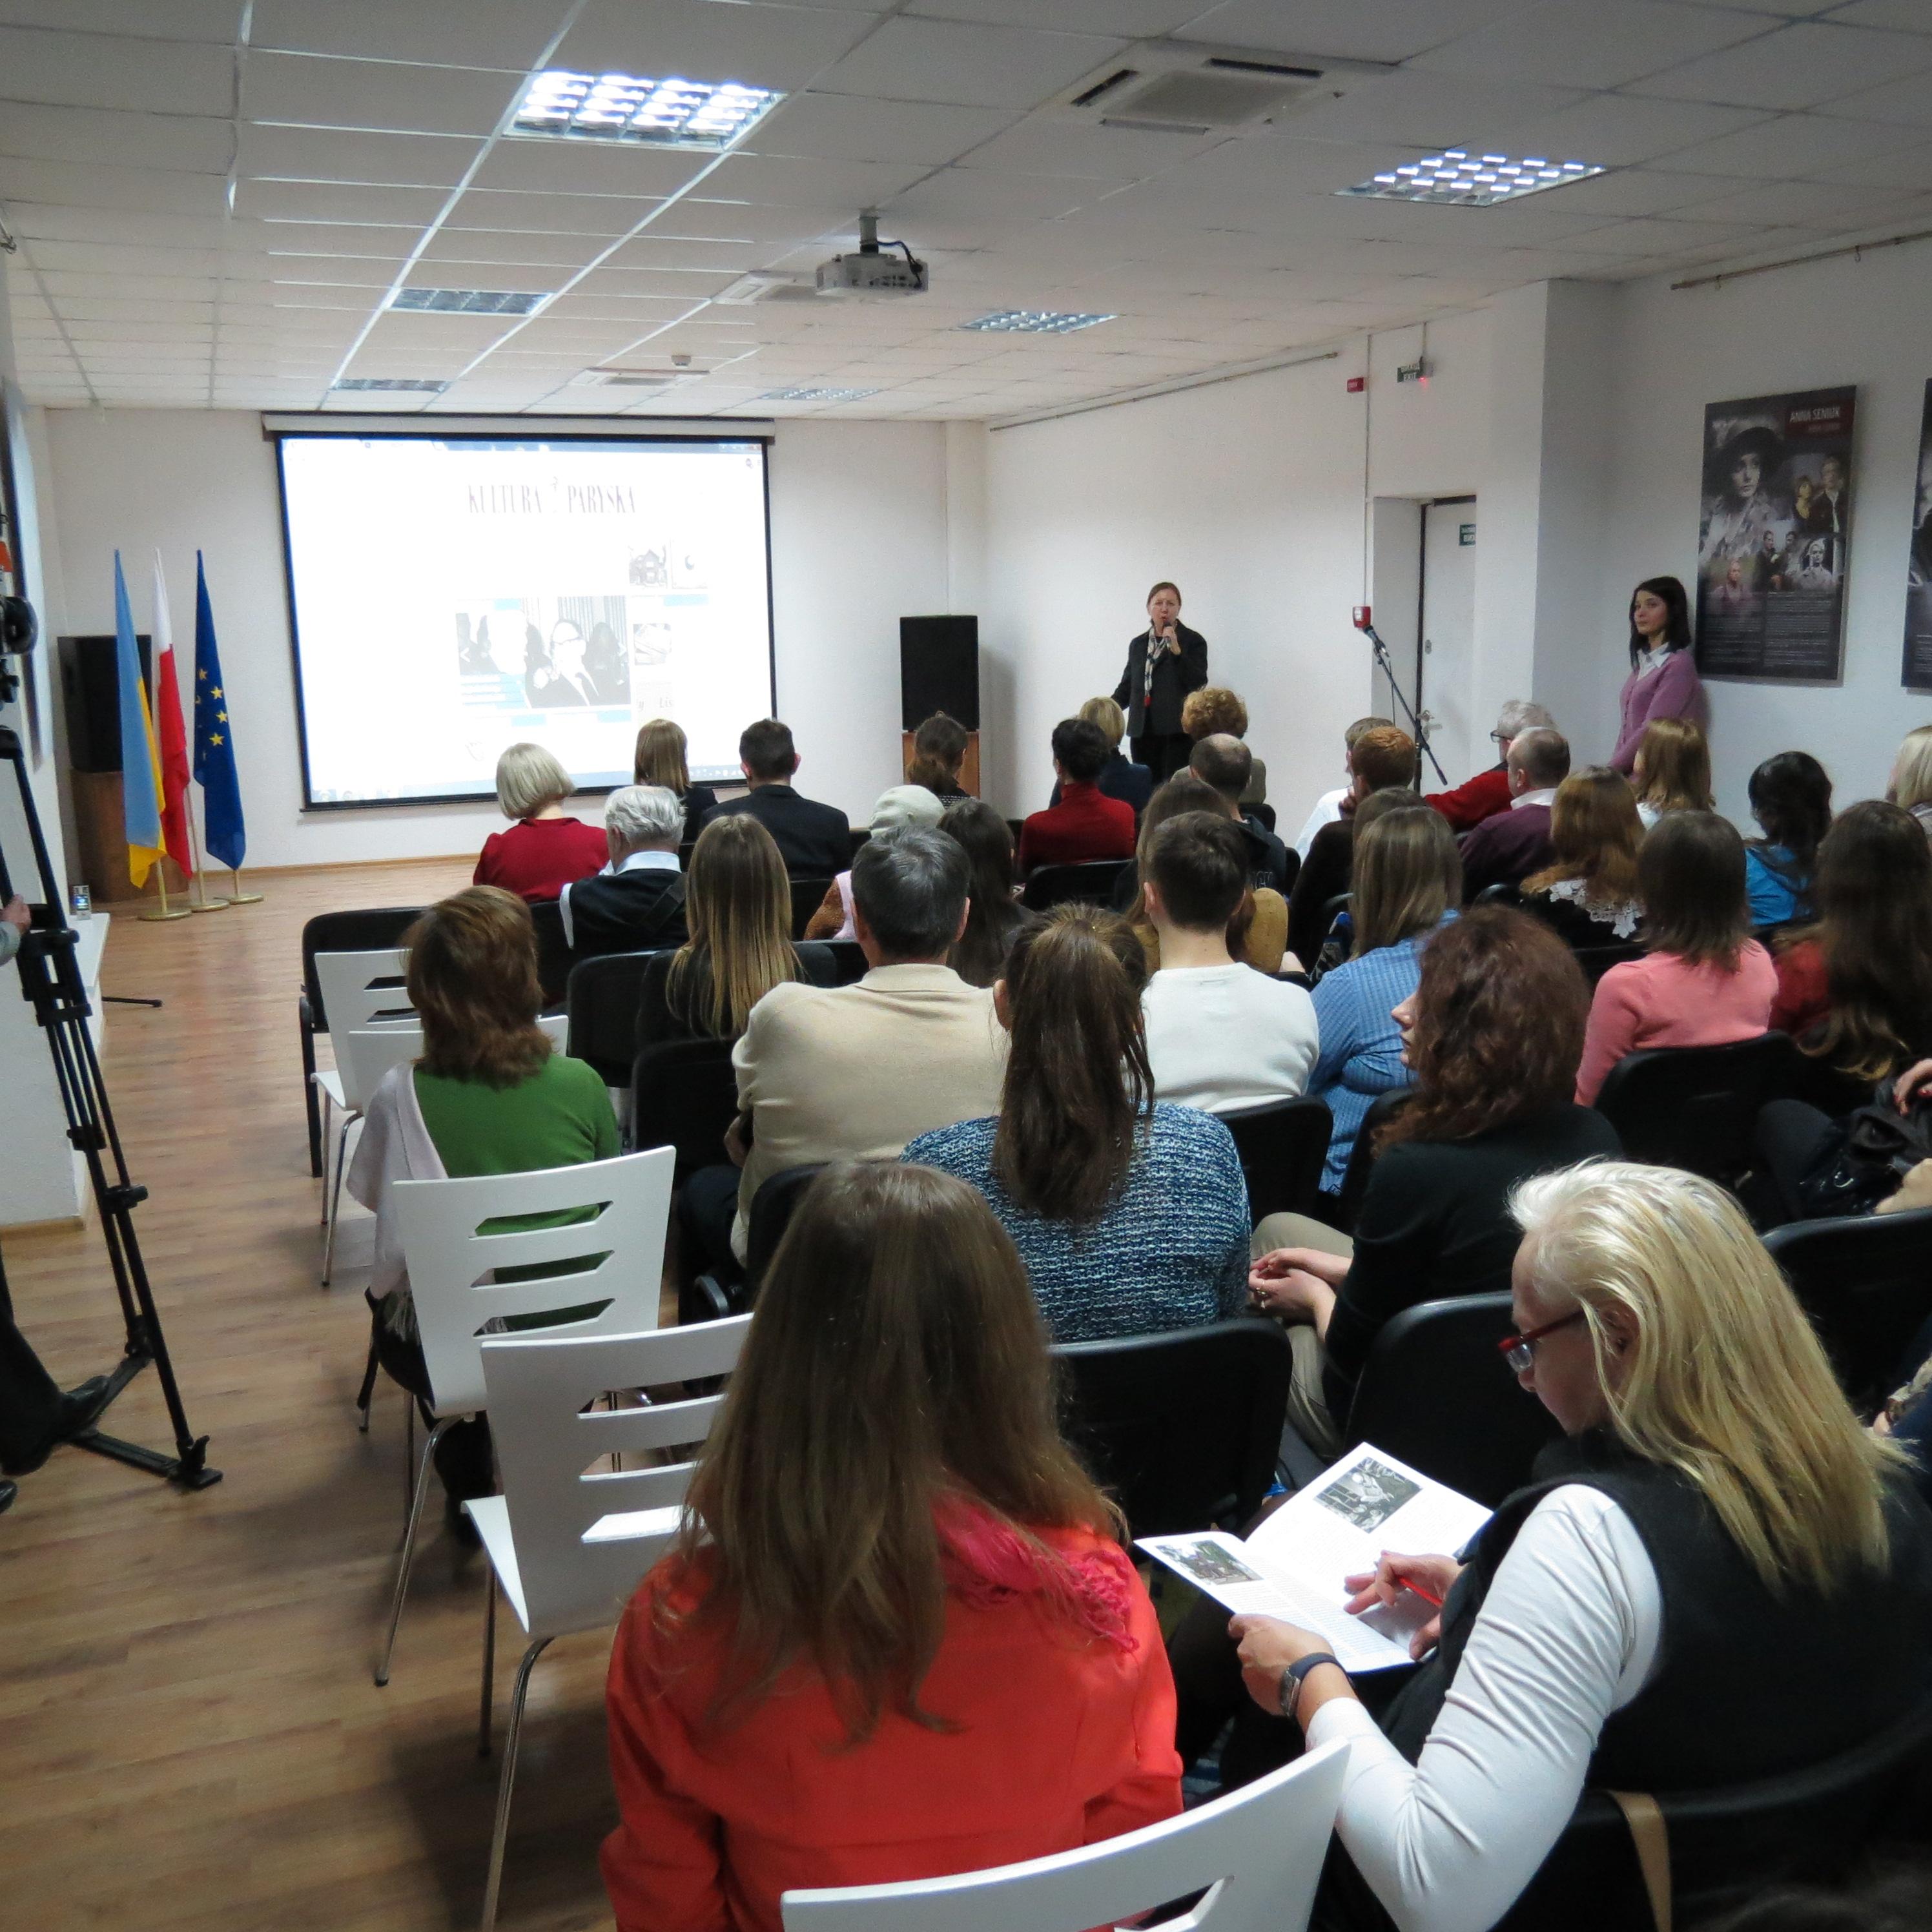 <div class='inner-box'><div class='close-desc'></div>  <span class='opis'>Centrum Kultury Polskiej i Dialogu Europejskiego w Iwano-Frankiwsku, dr Małgorzata Ptasińska prezentuje portal Kultury Paryskiej. 5 marca 2015 r.</span>   </div>